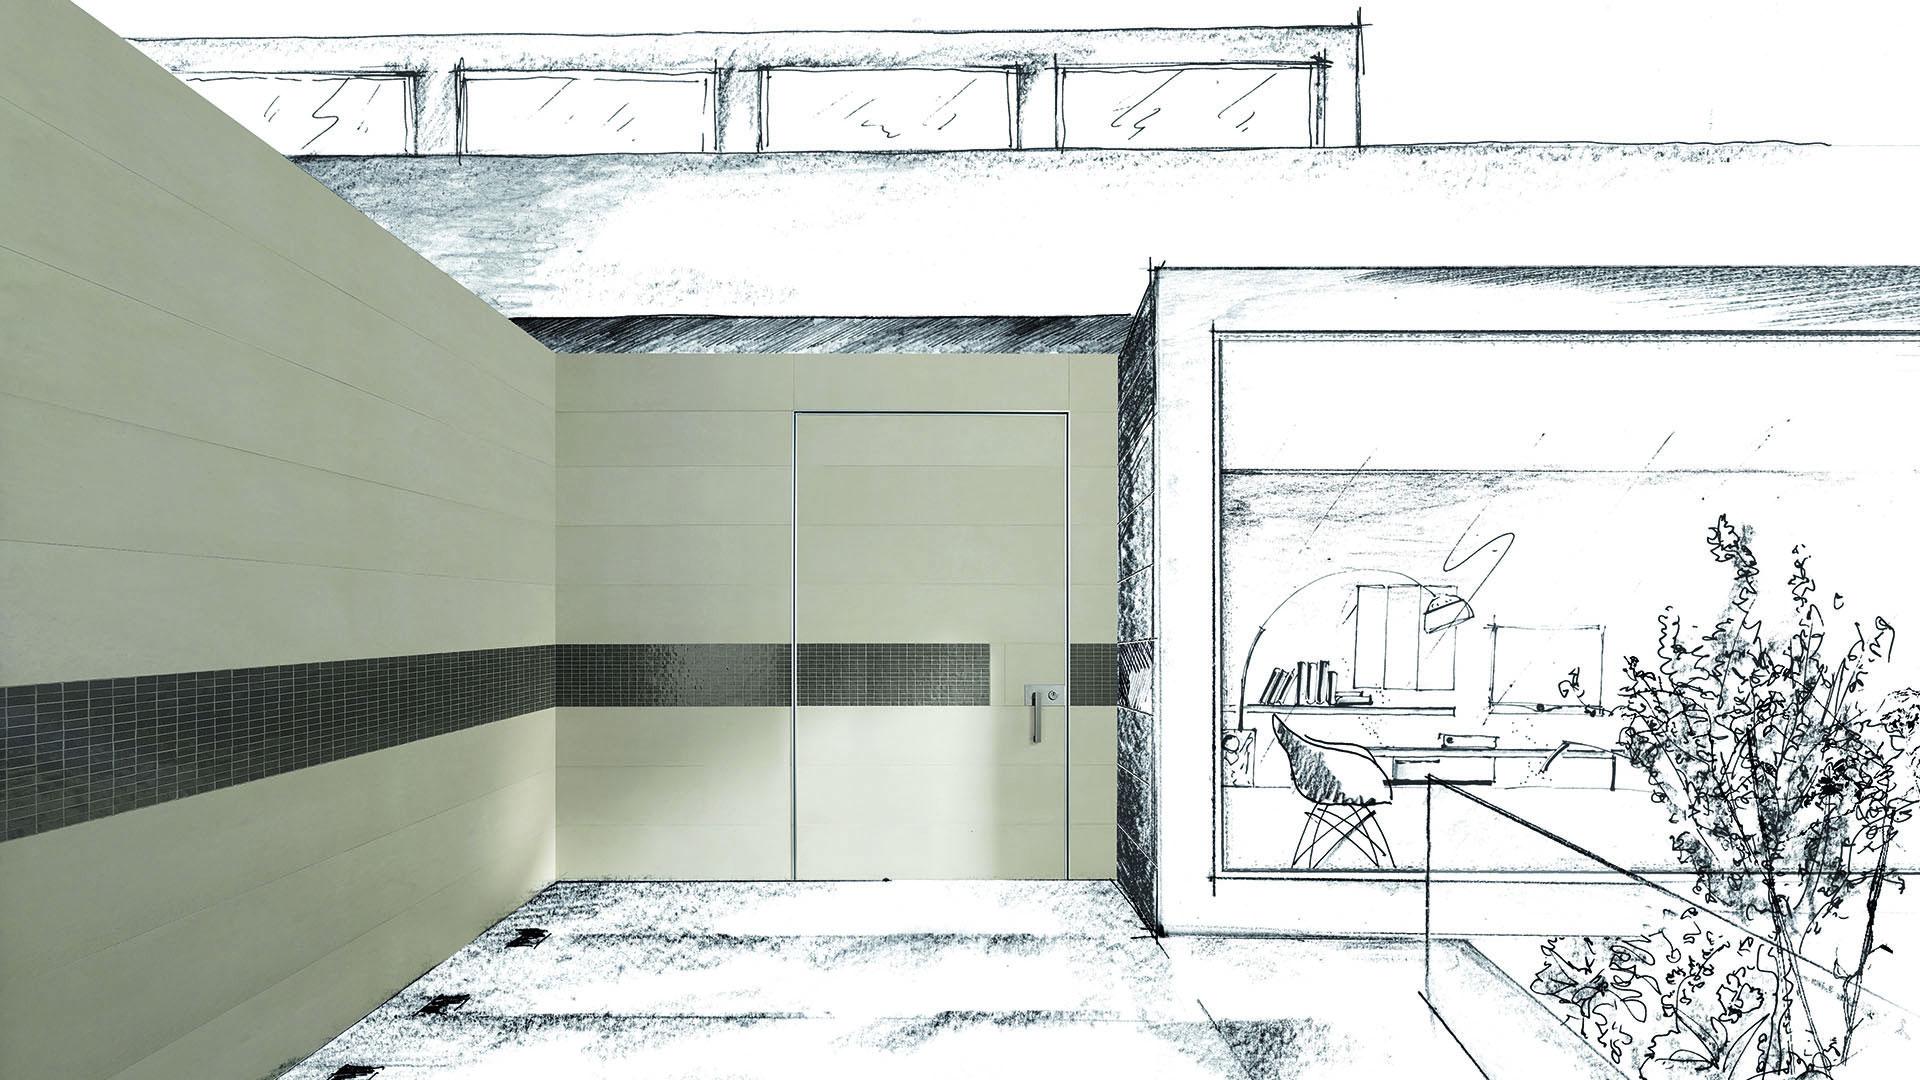 Architetture d'ingresso